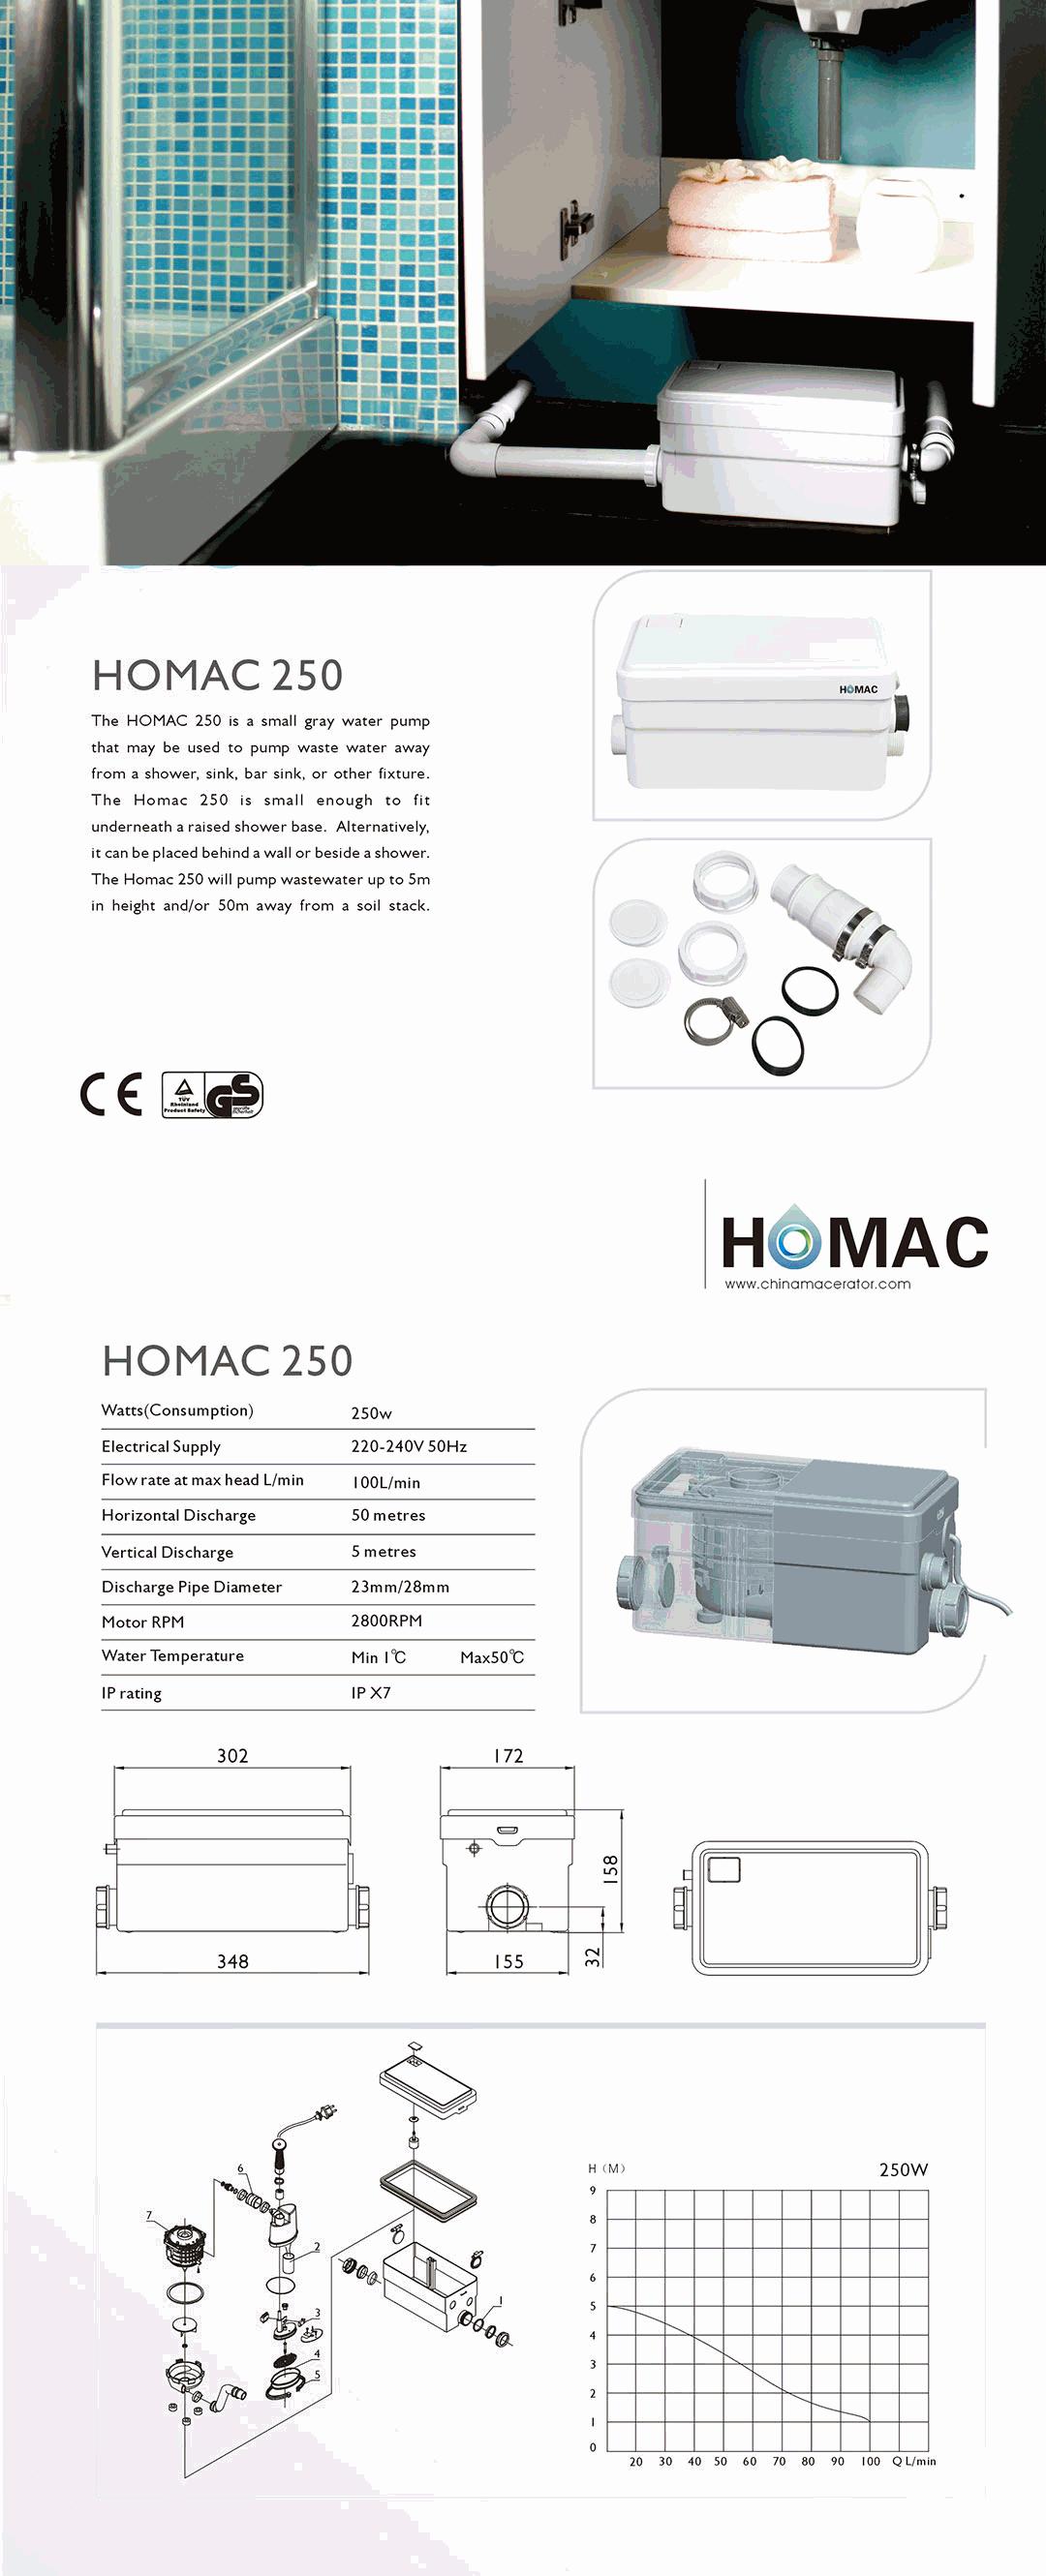 HOMAC 250